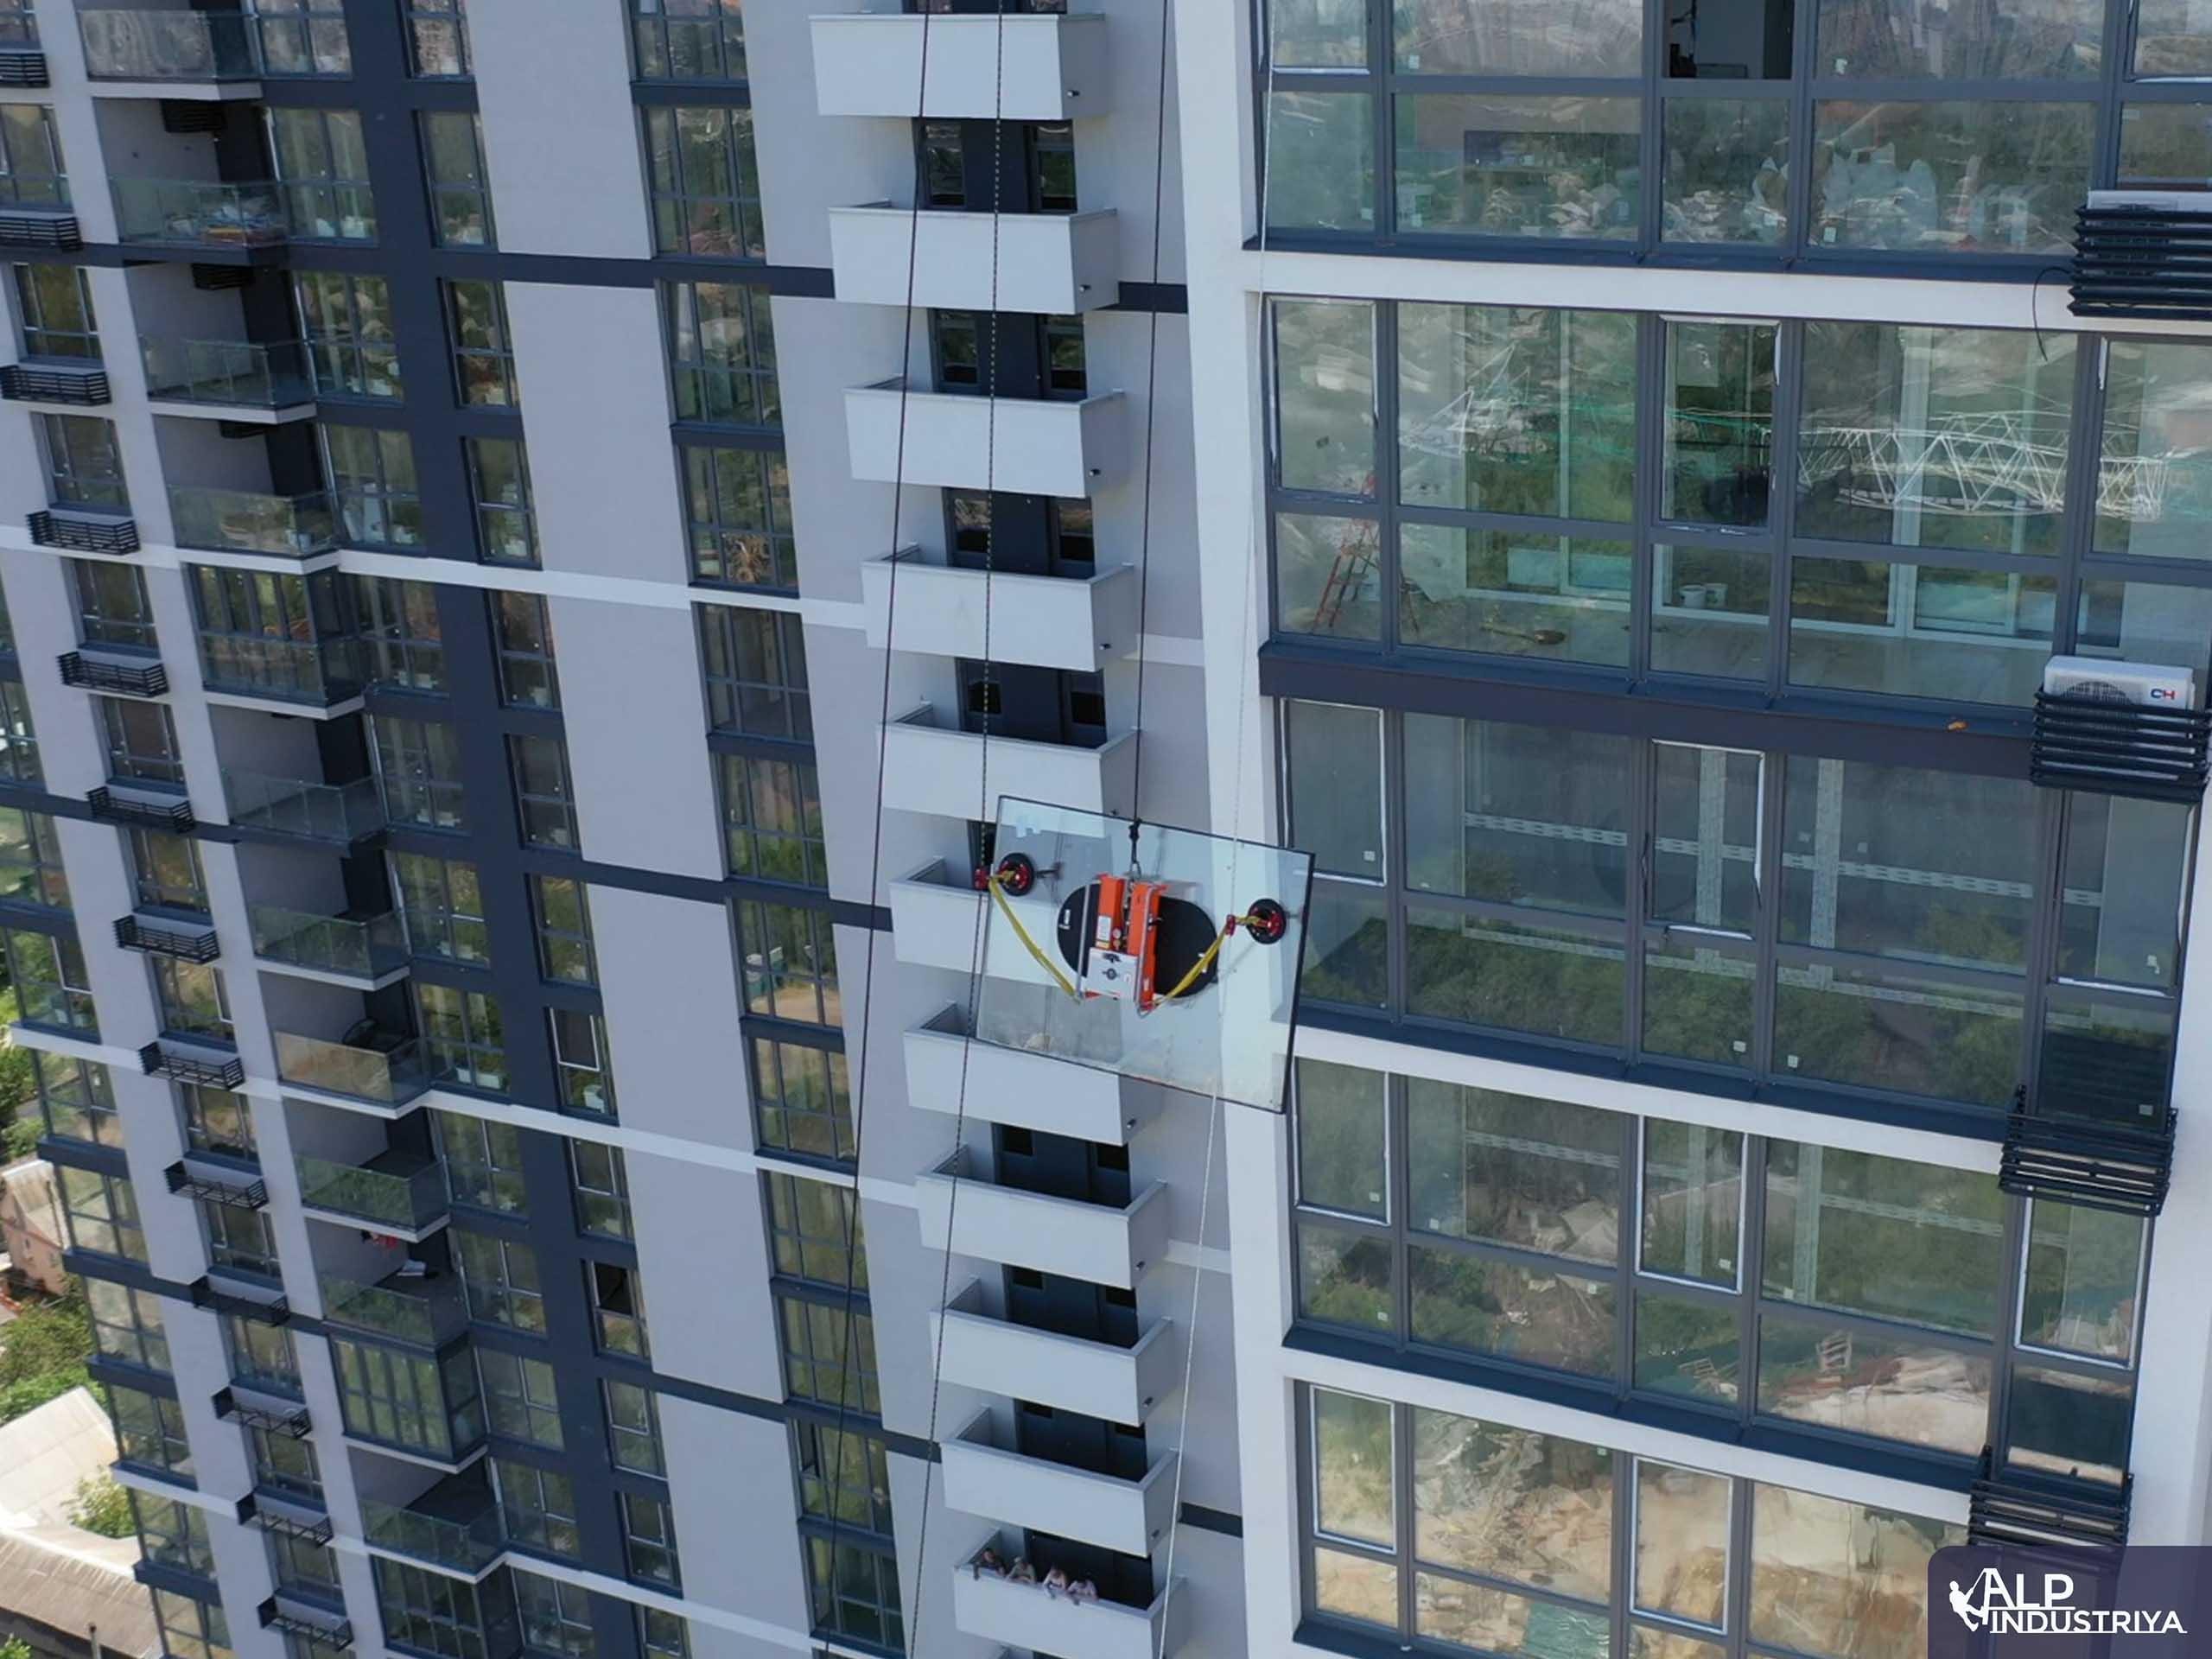 Поднятие стекла с использованием вакуумного захвата-4